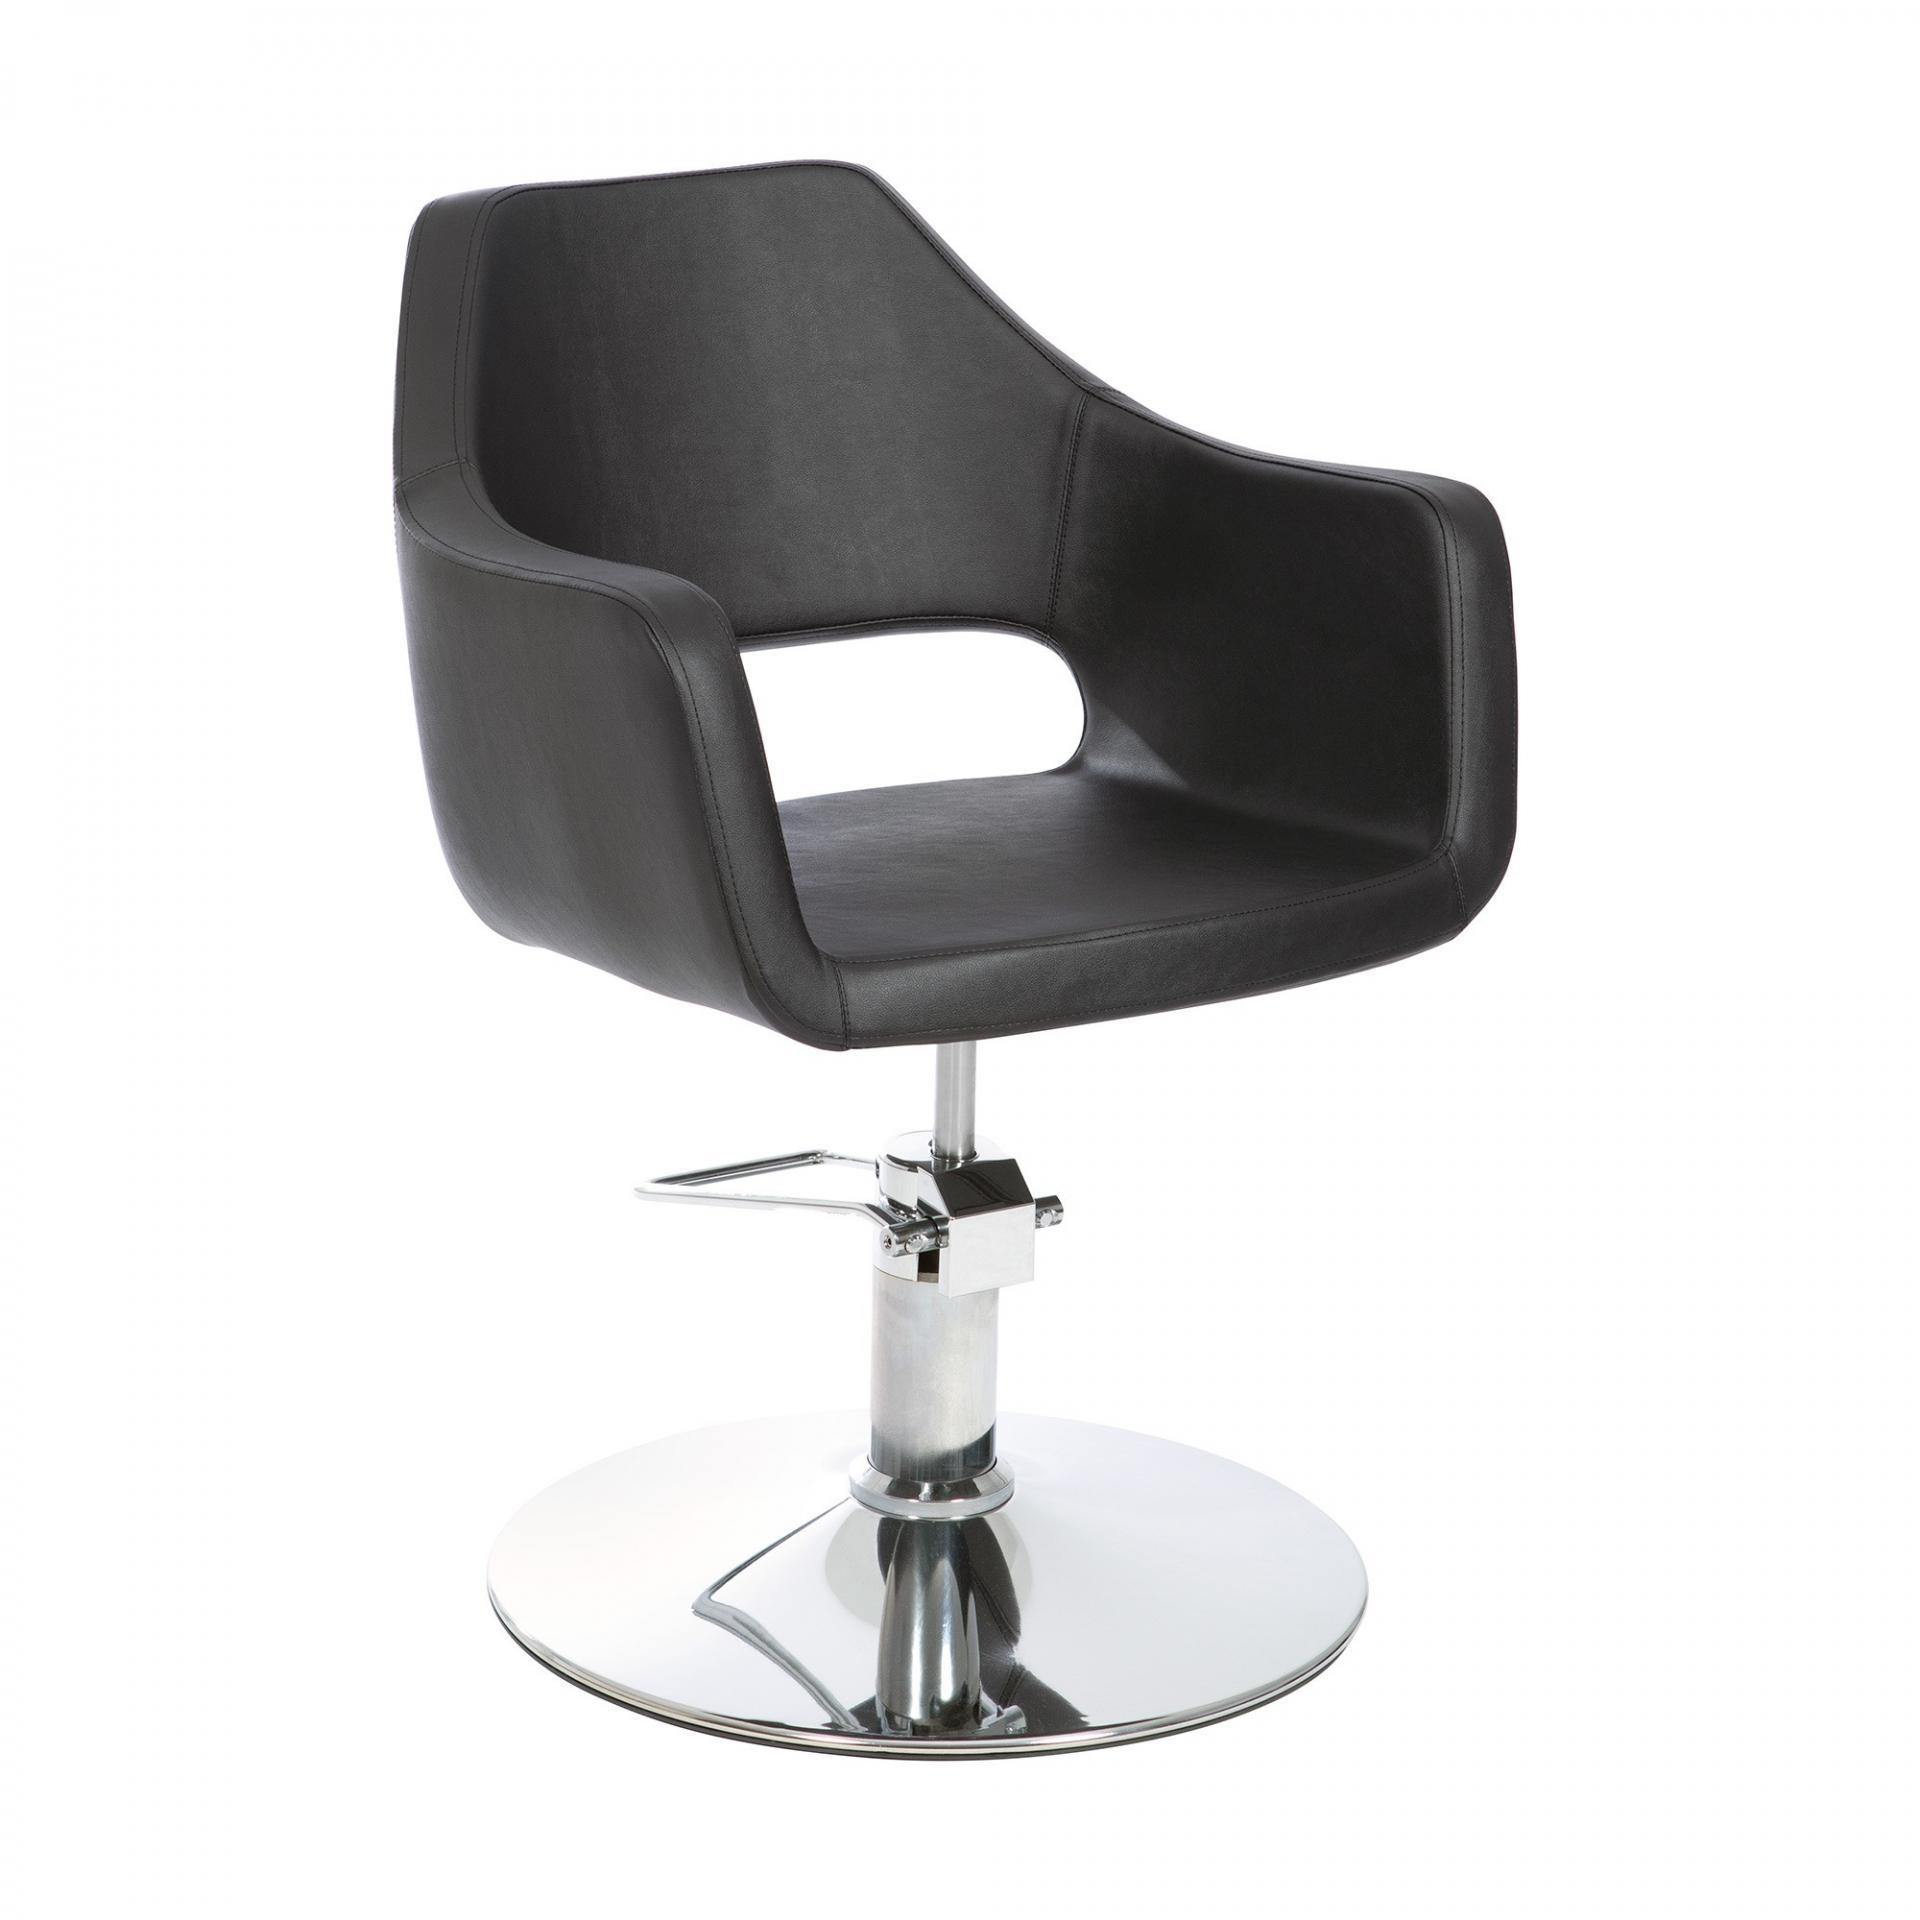 sillón DUEDGE